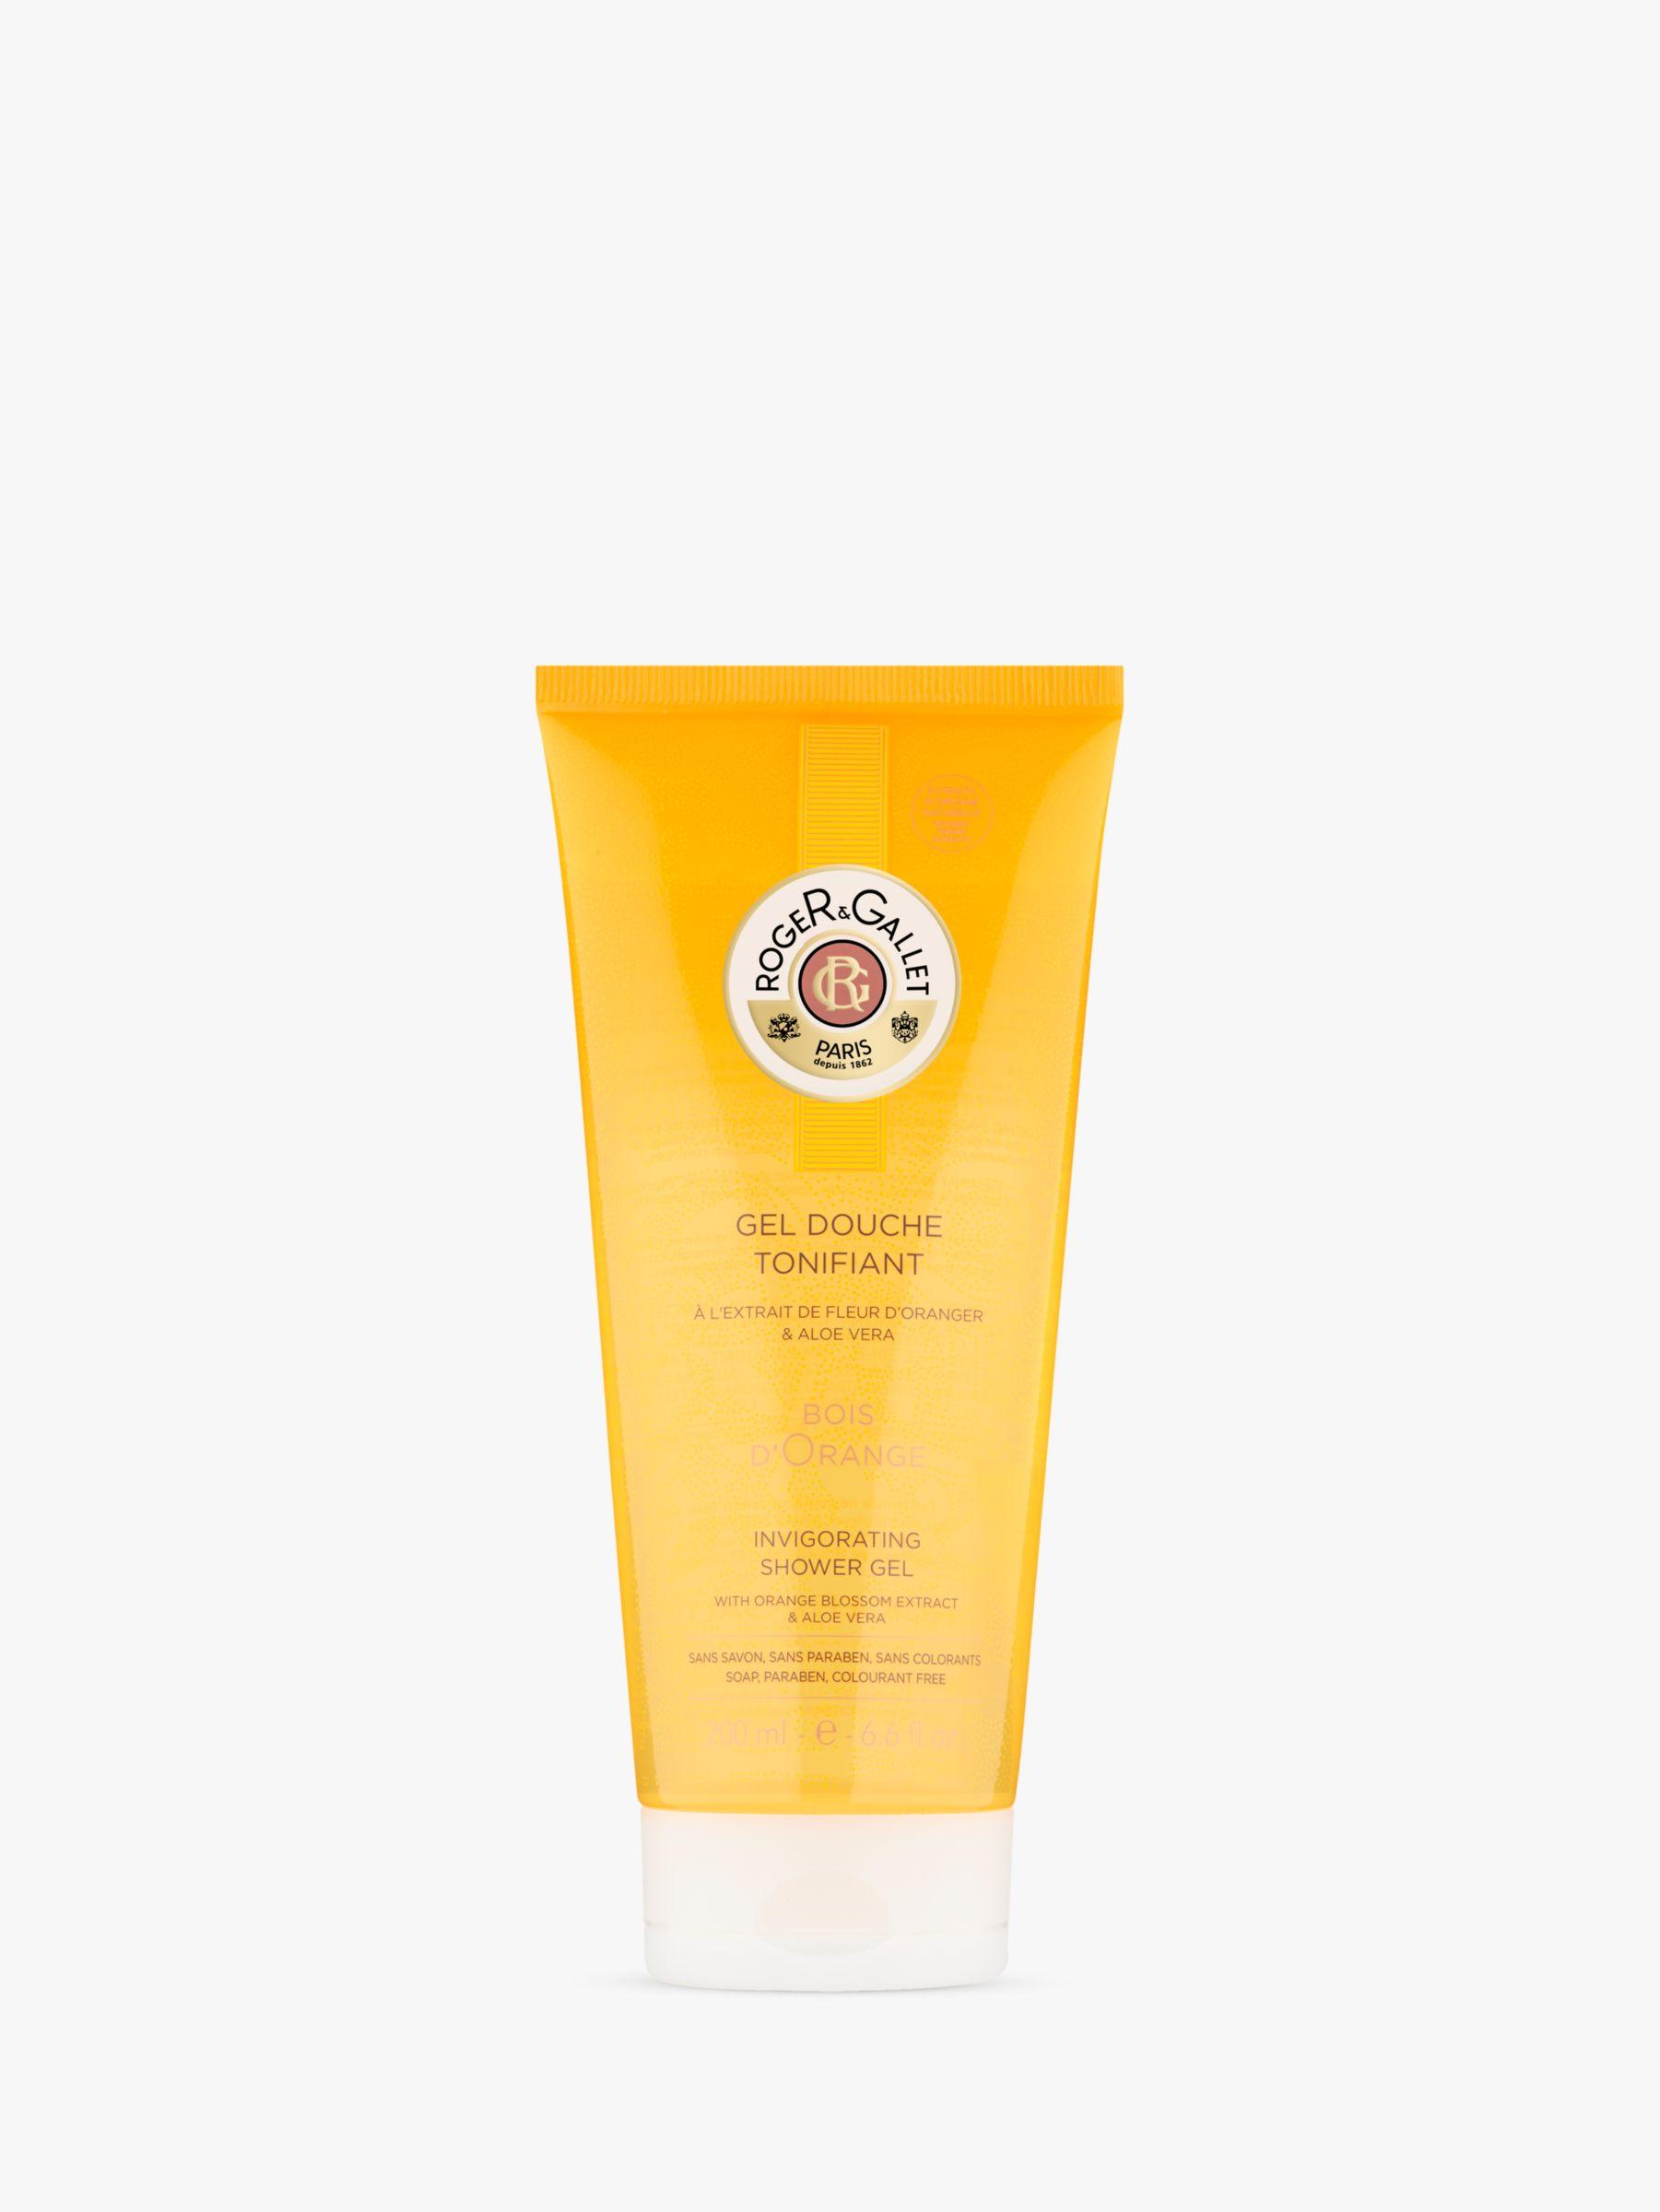 Roger & Gallet Roger & Gallet Bois D'Orange Invigorating Bath & Shower Gel, 200ml